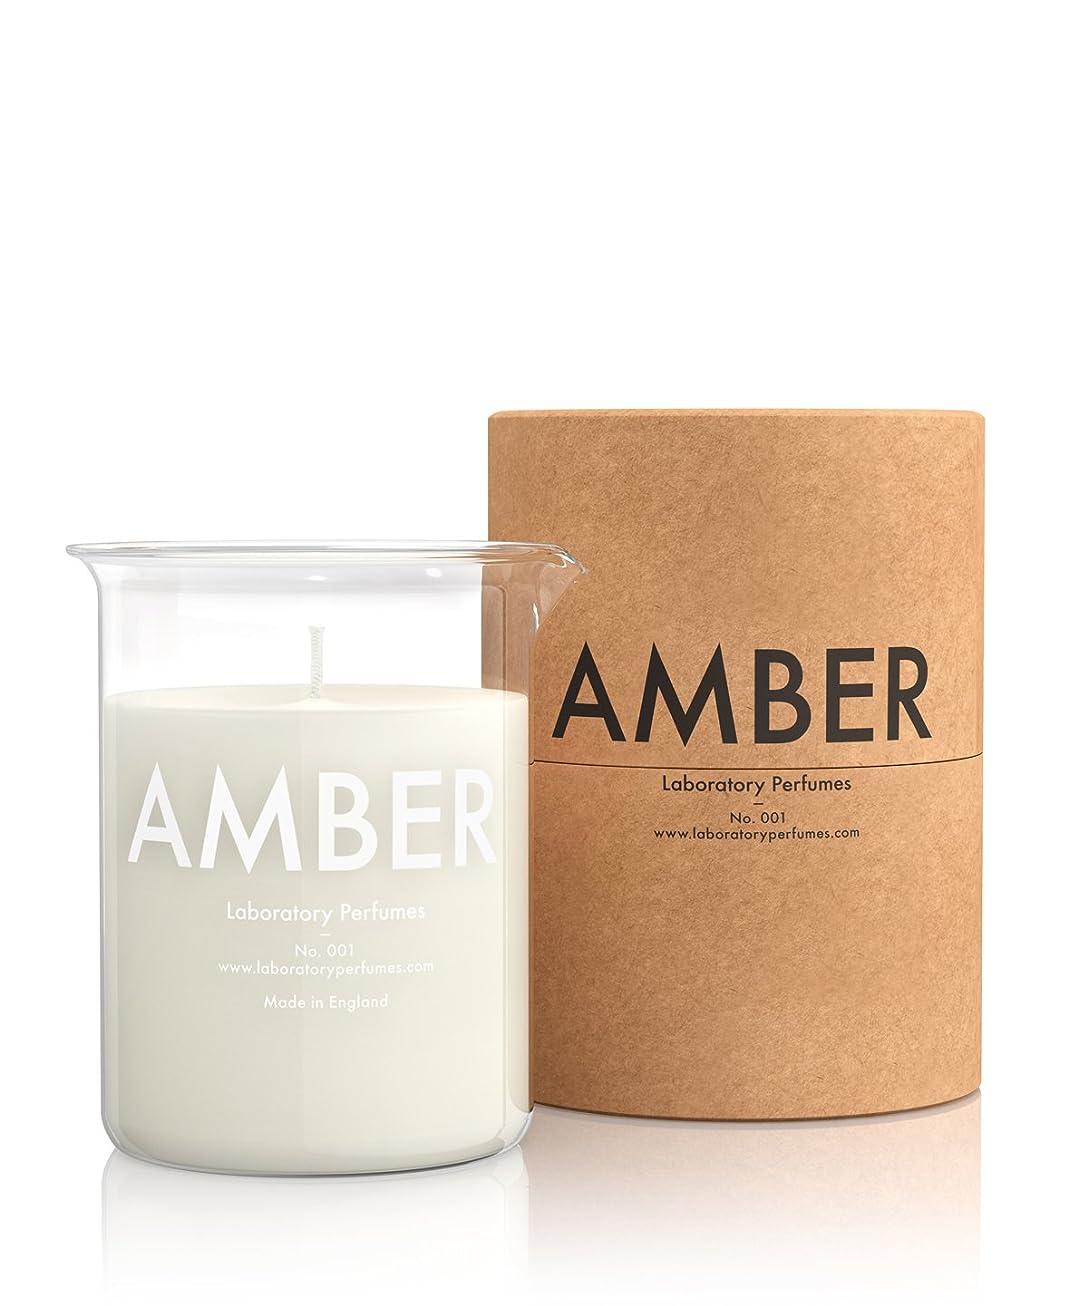 教育贅沢今までLabortory Perfumes キャンドル アンバー Amber (フローラルウッディー Floral Woody) Candle ラボラトリー パフューム